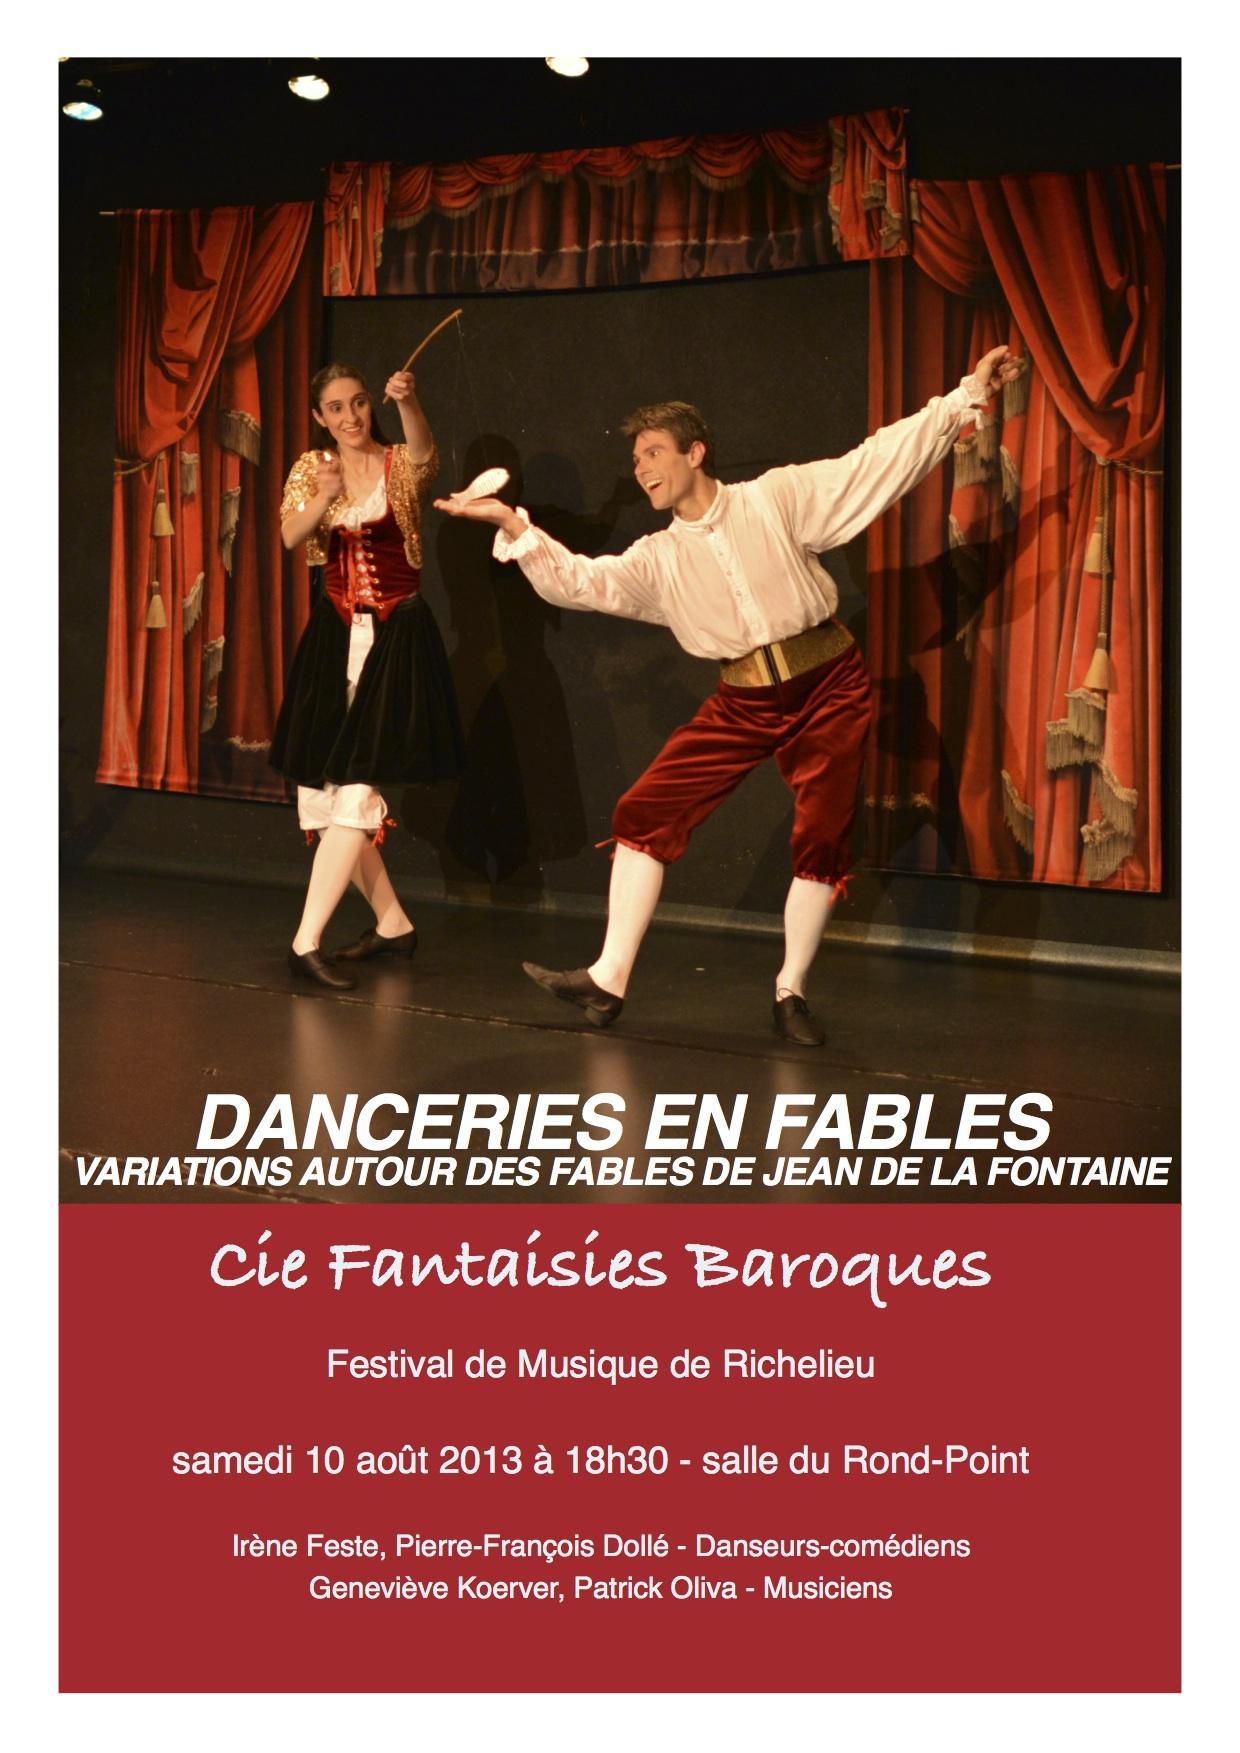 Programme La Fontaine-Richelieu 2013